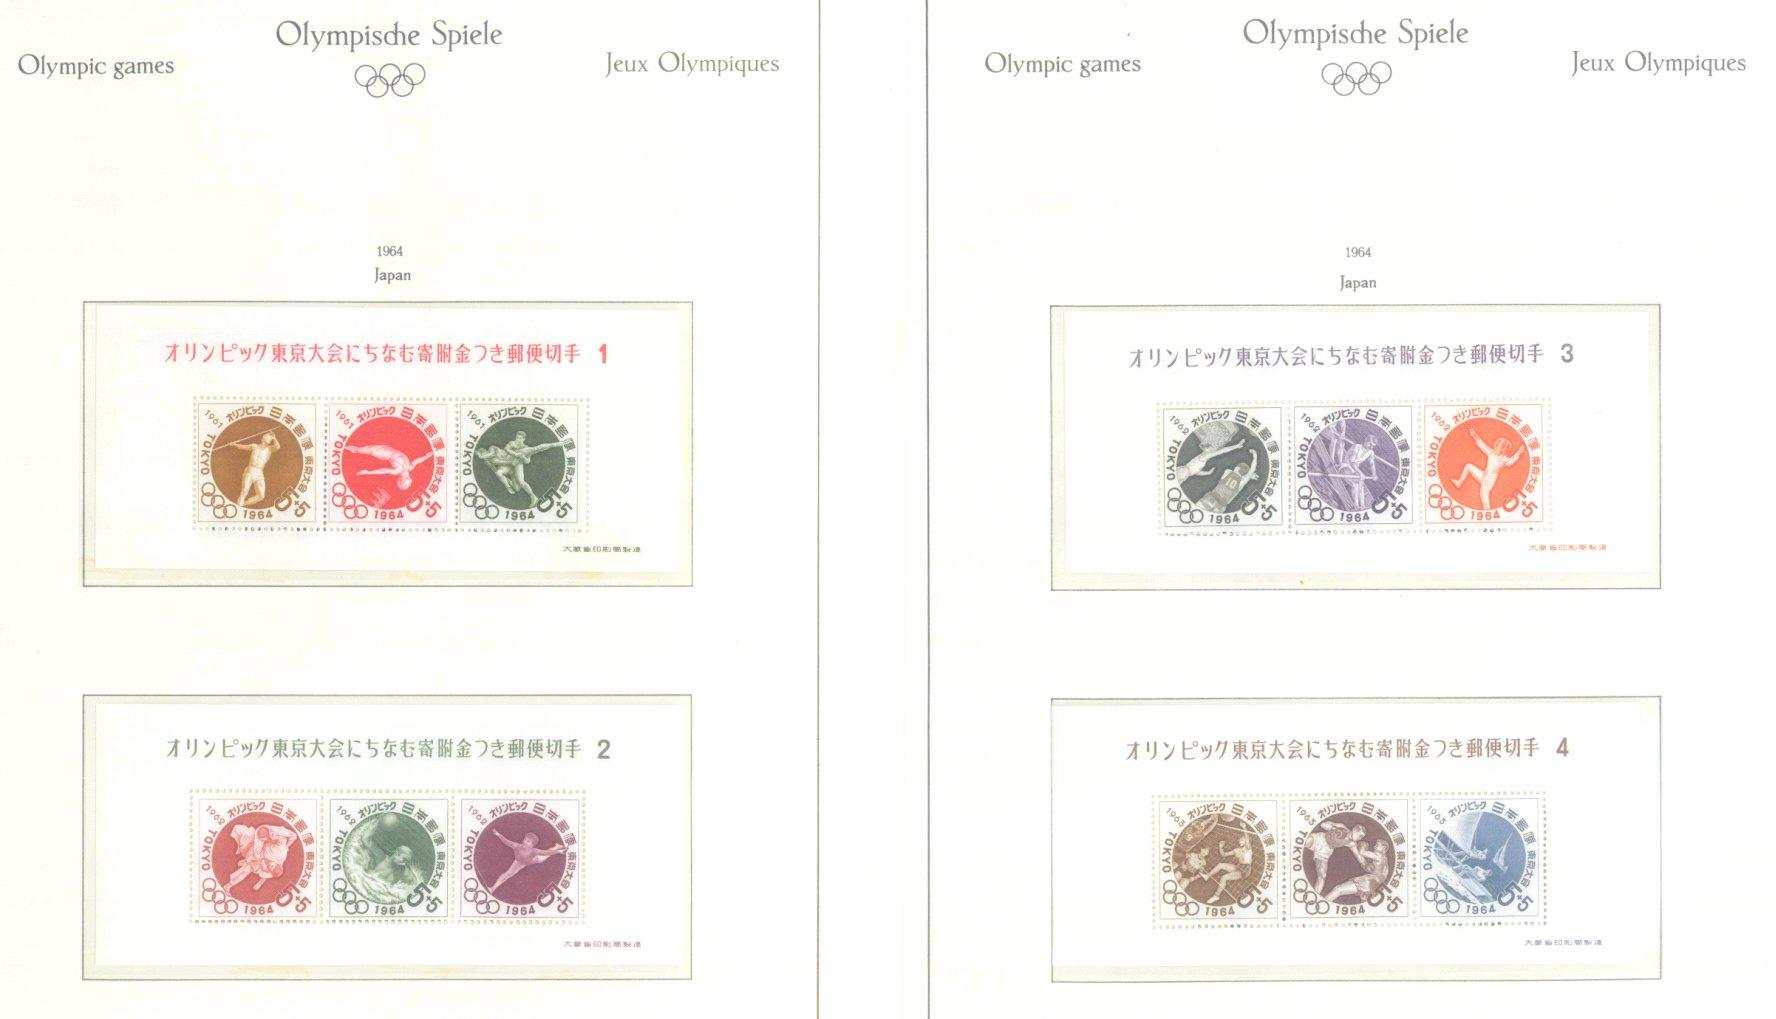 OLYMPISCHE SPIELE 1964 TOKIO, postfrische Sammlung Teil 1-27